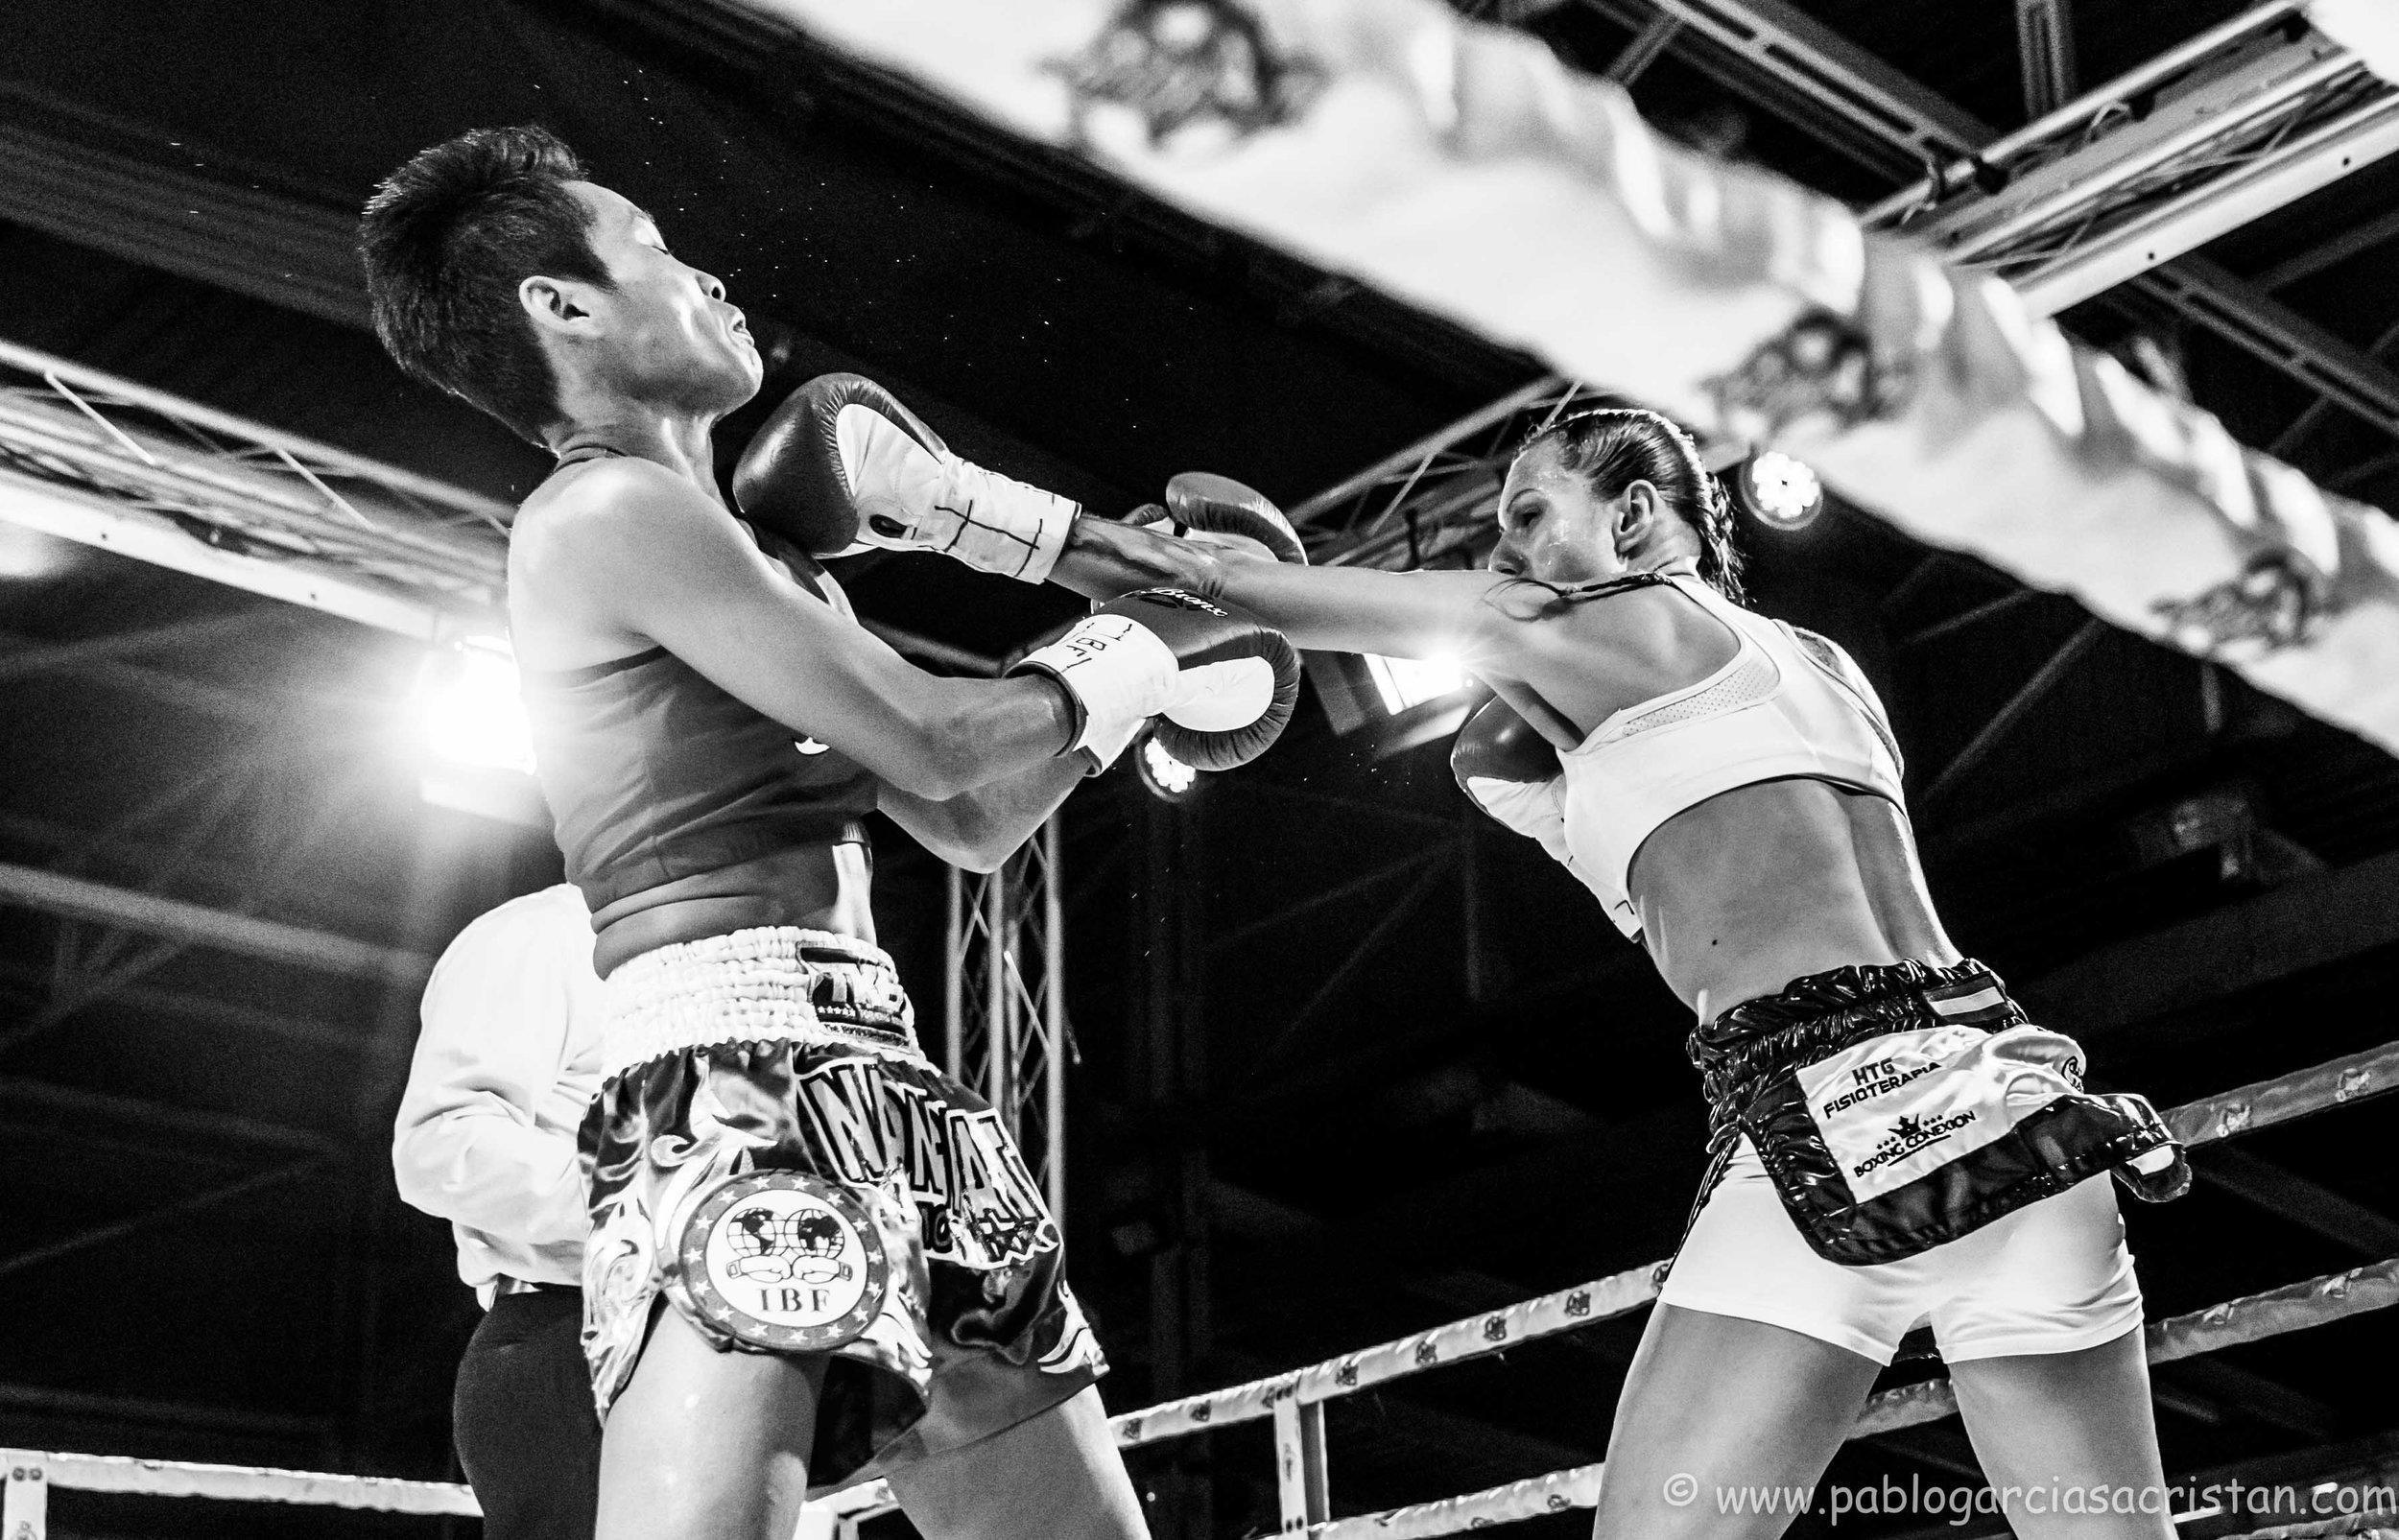 boxeo blanco y negro_15.jpg